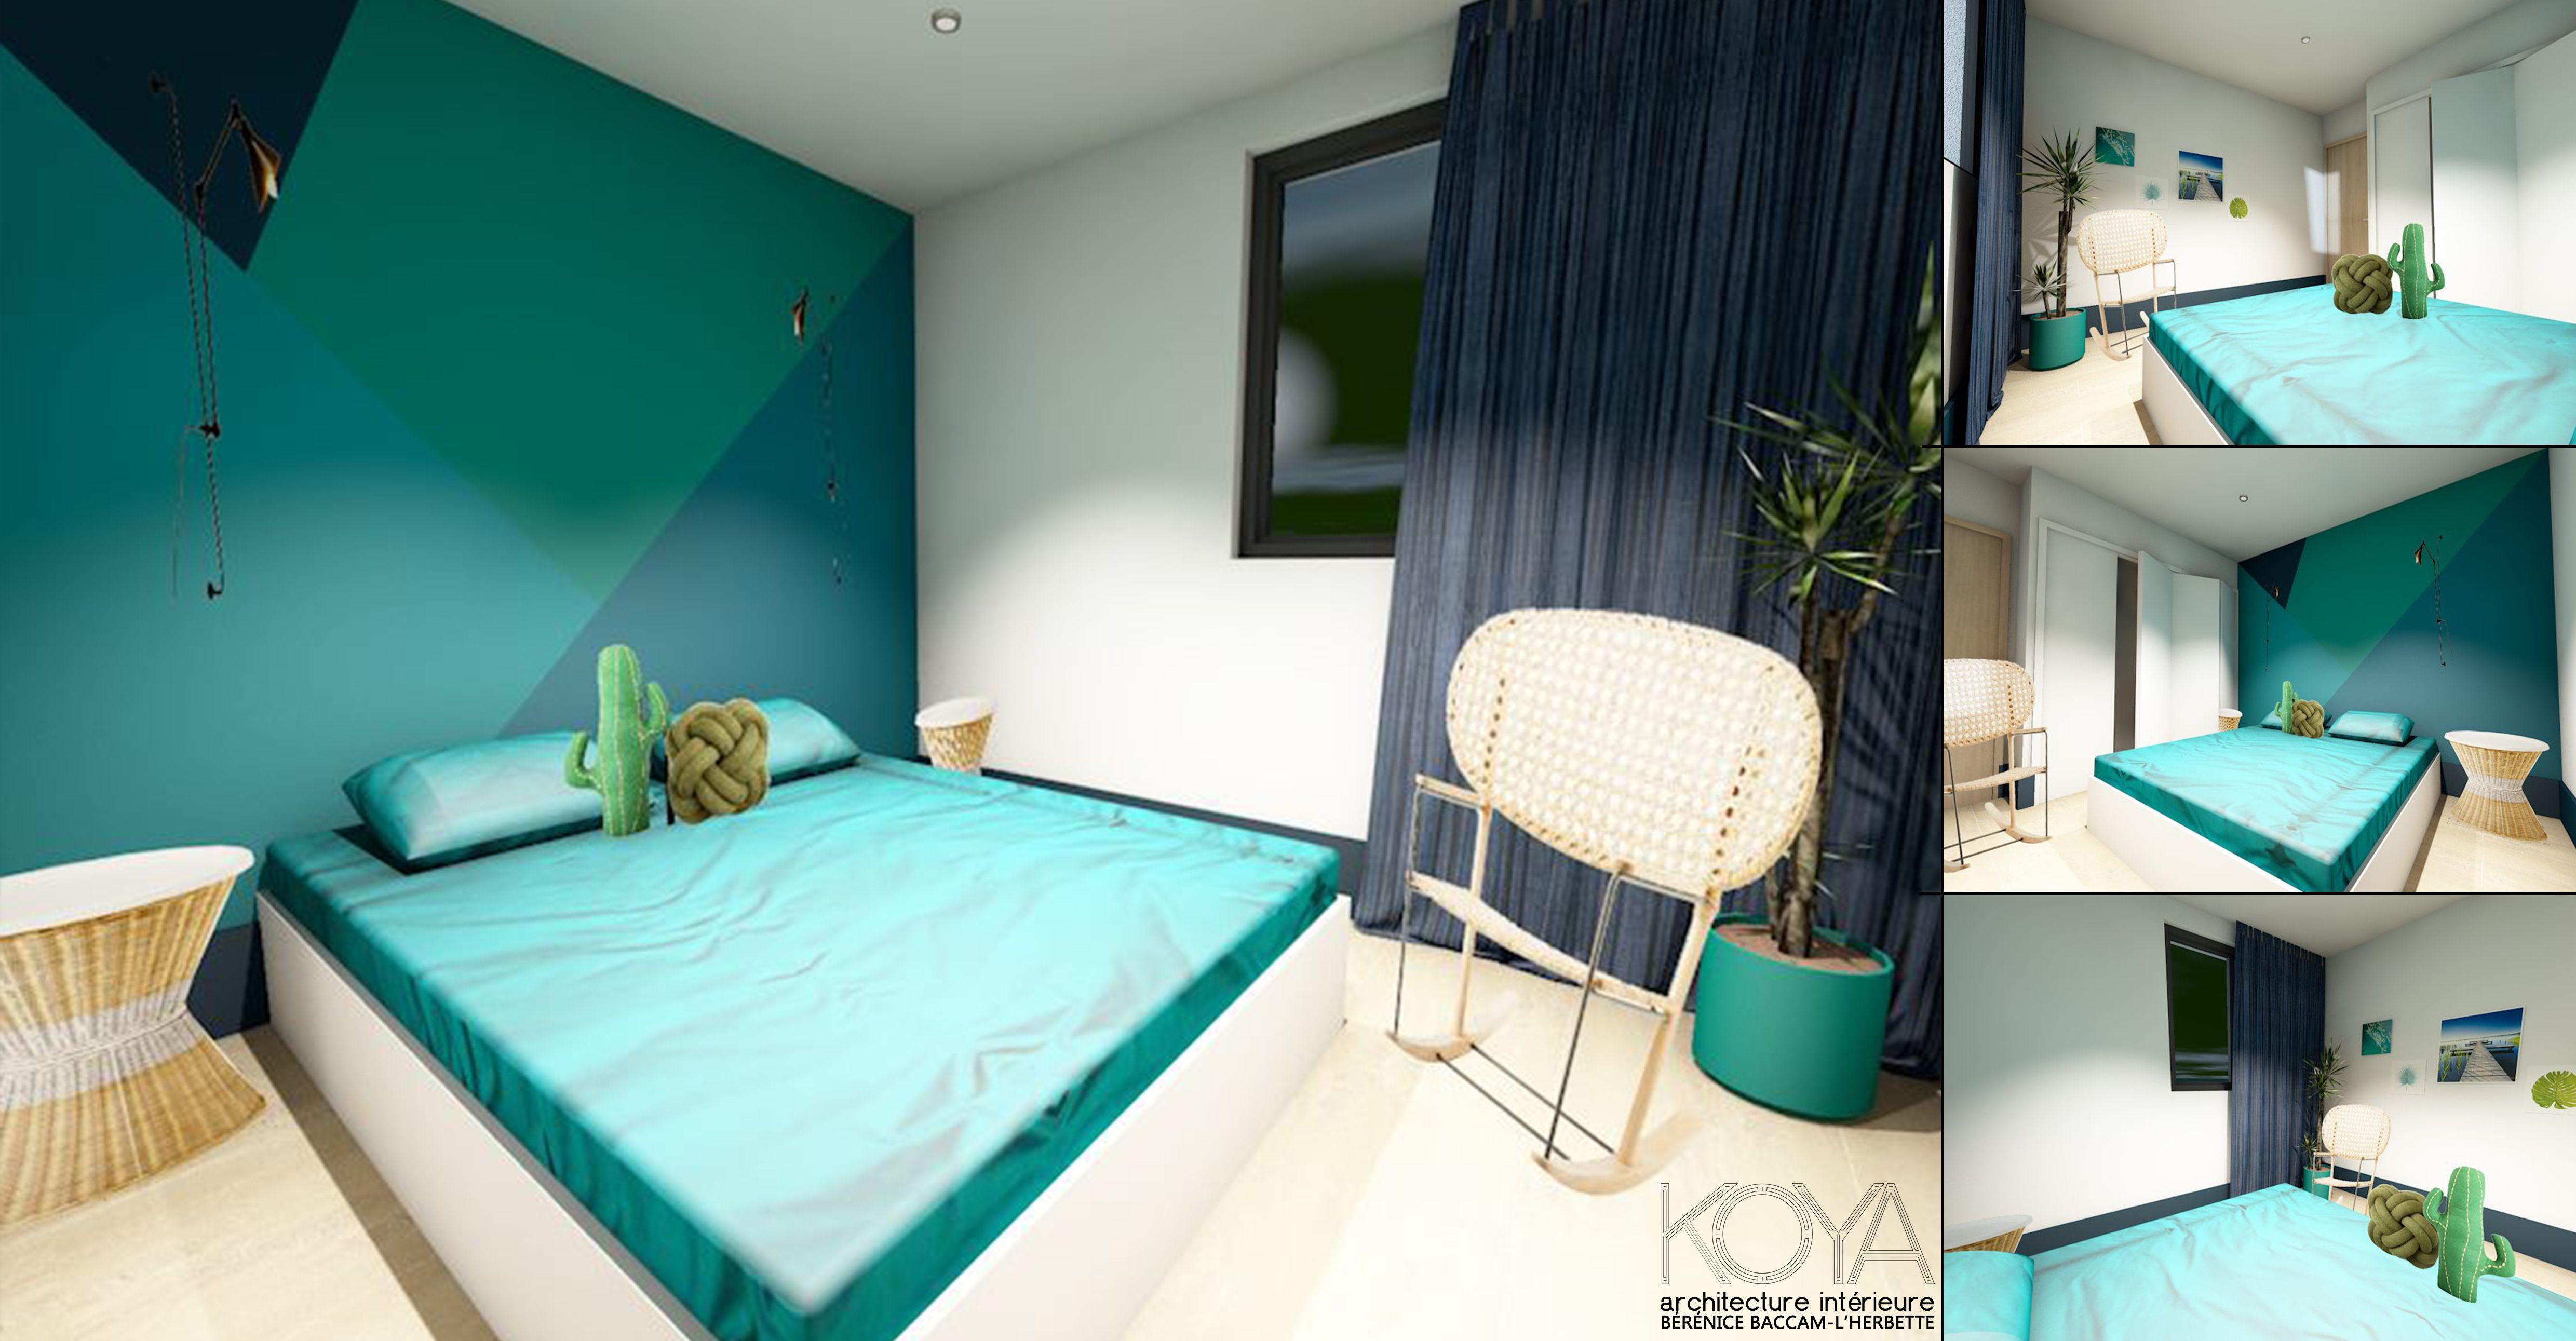 chambre parentale avec jeu graphique de couleurs : bleu canard, bleu